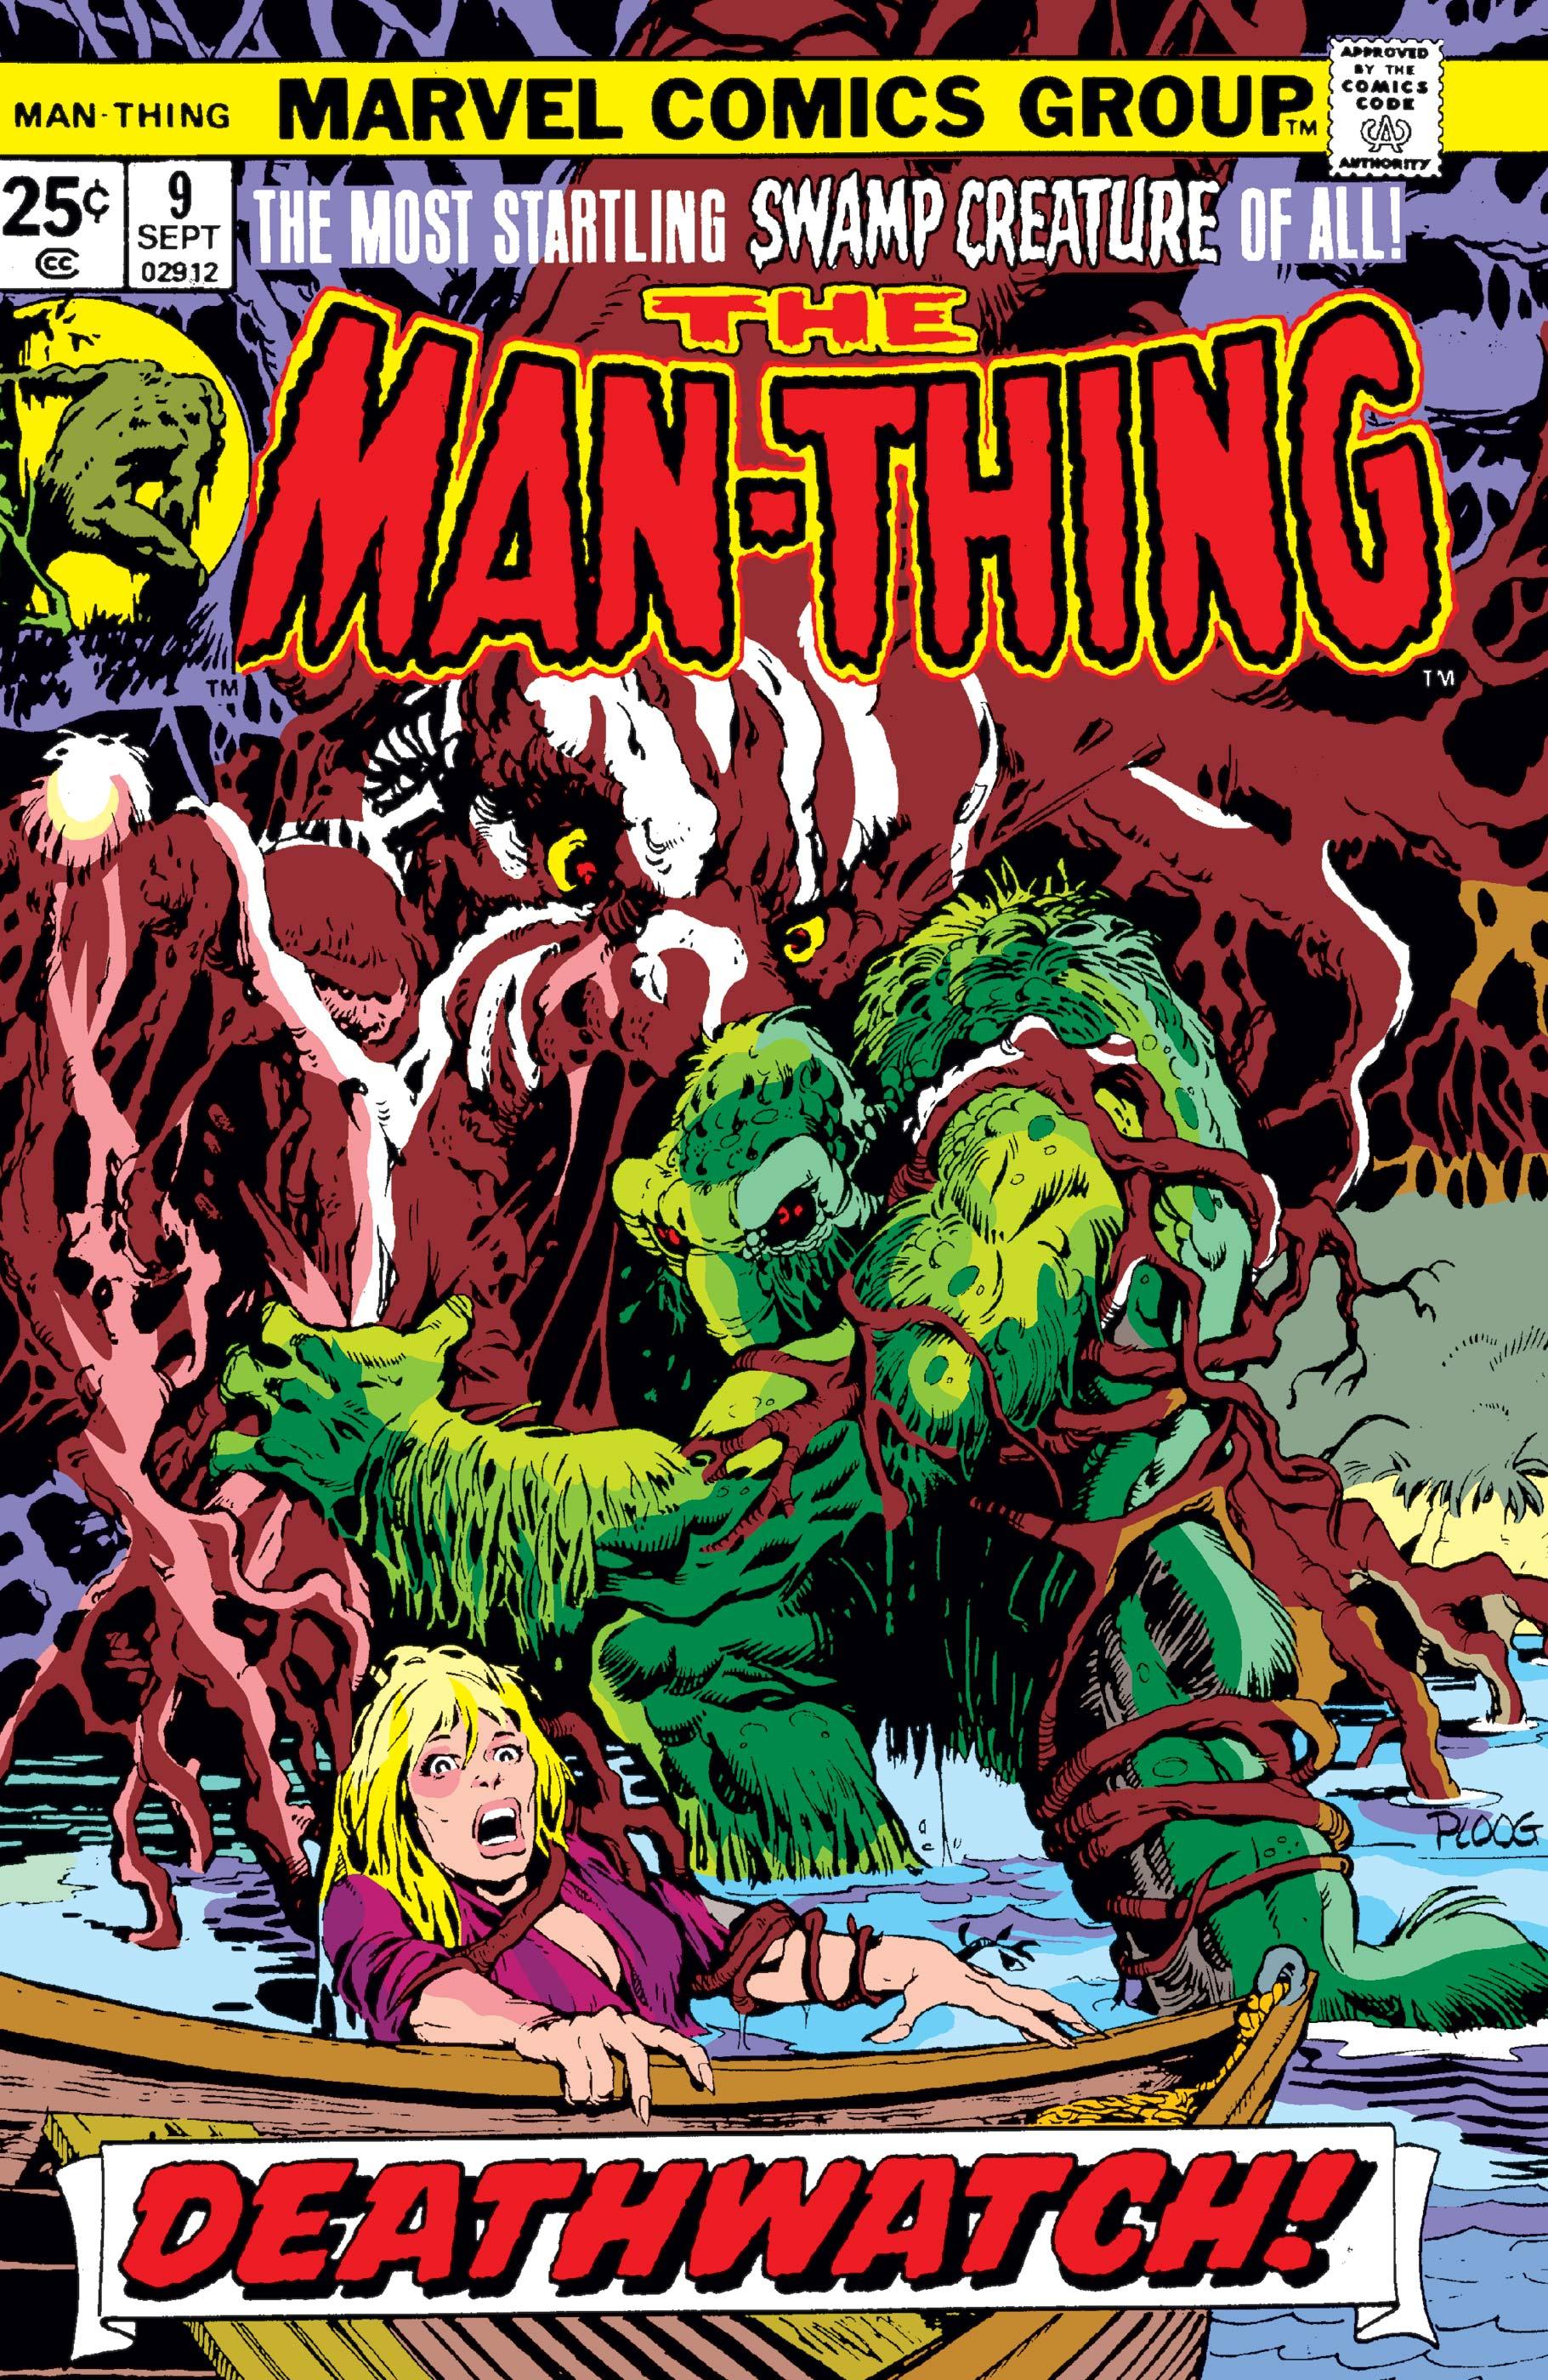 Man-Thing (1974) #9